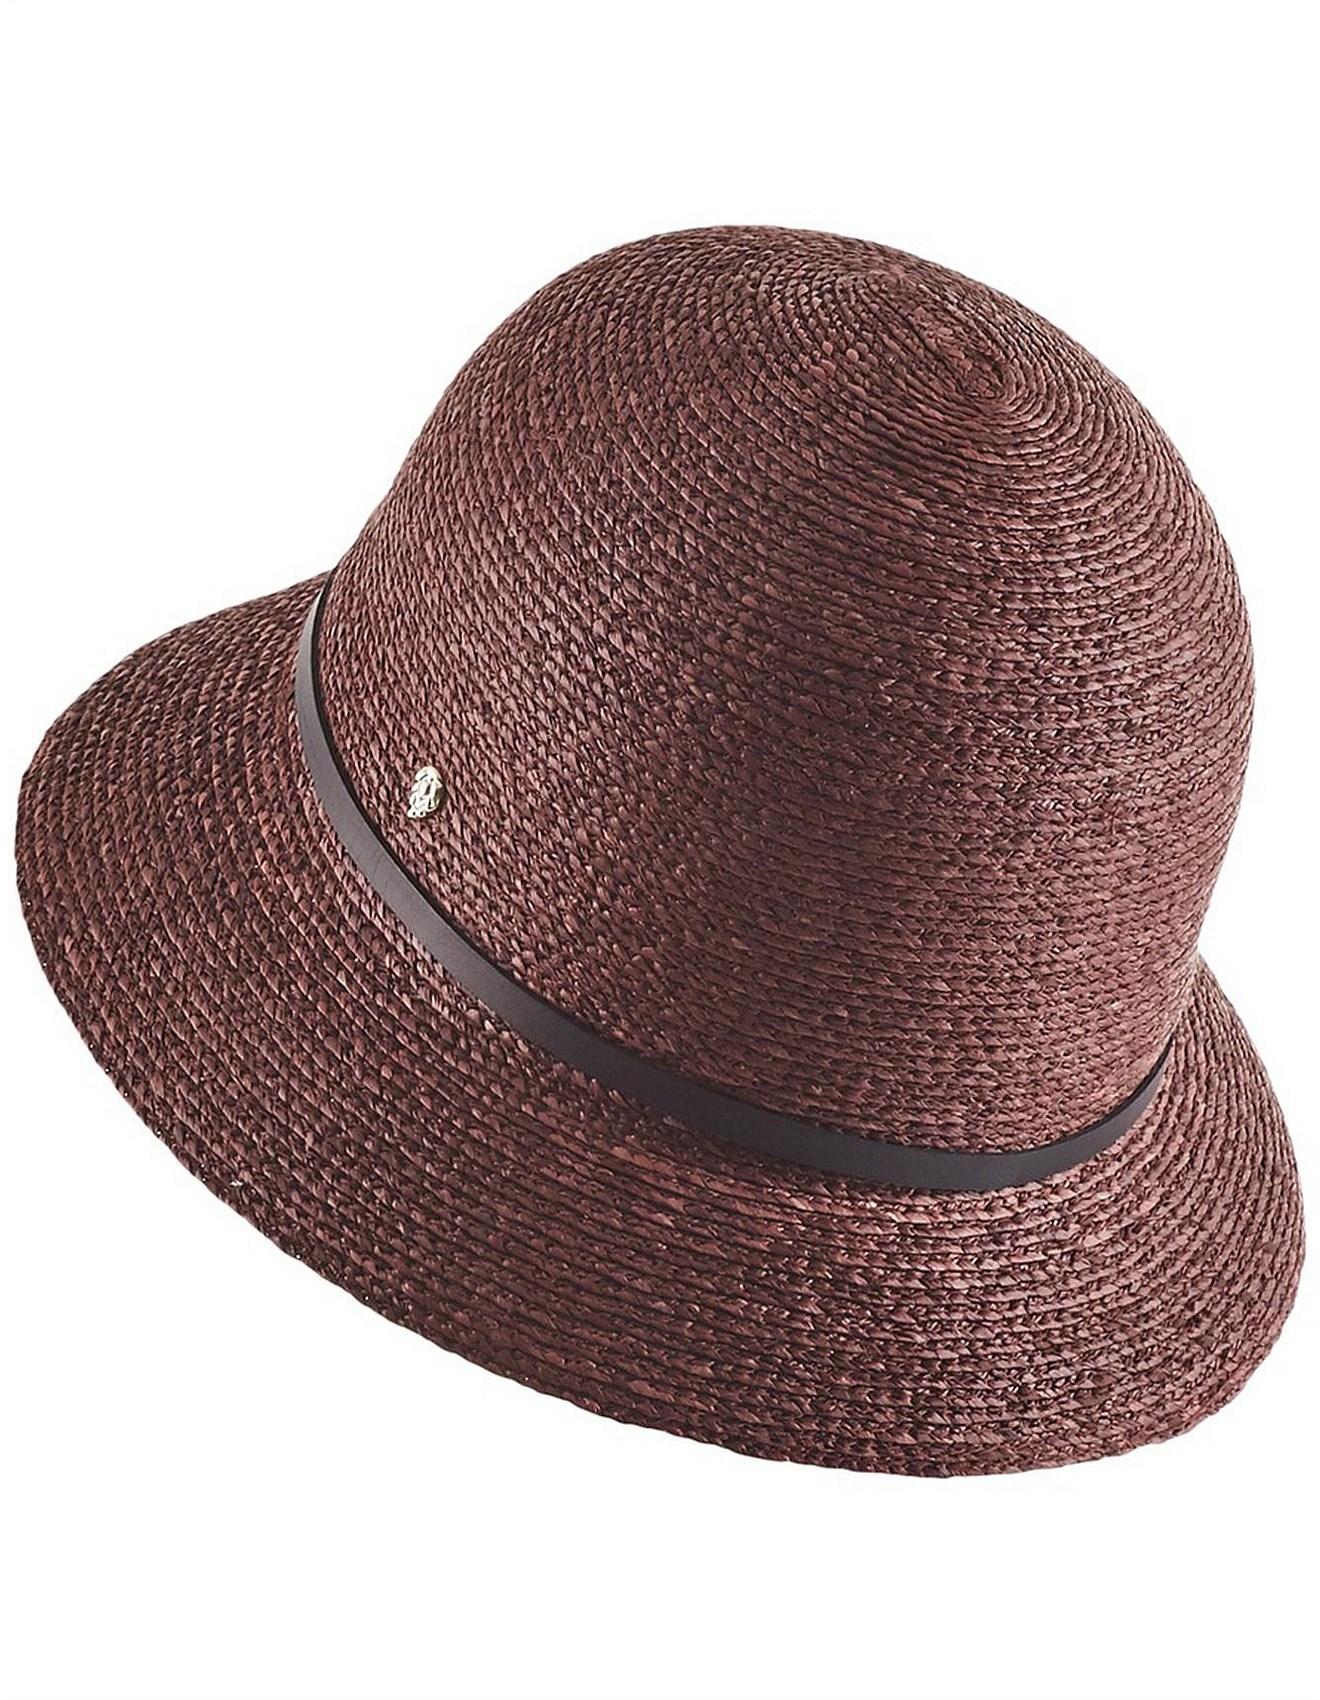 47b50fa447474 Besa 6 Rollable Raffia Braid Hat Special Offer. 1